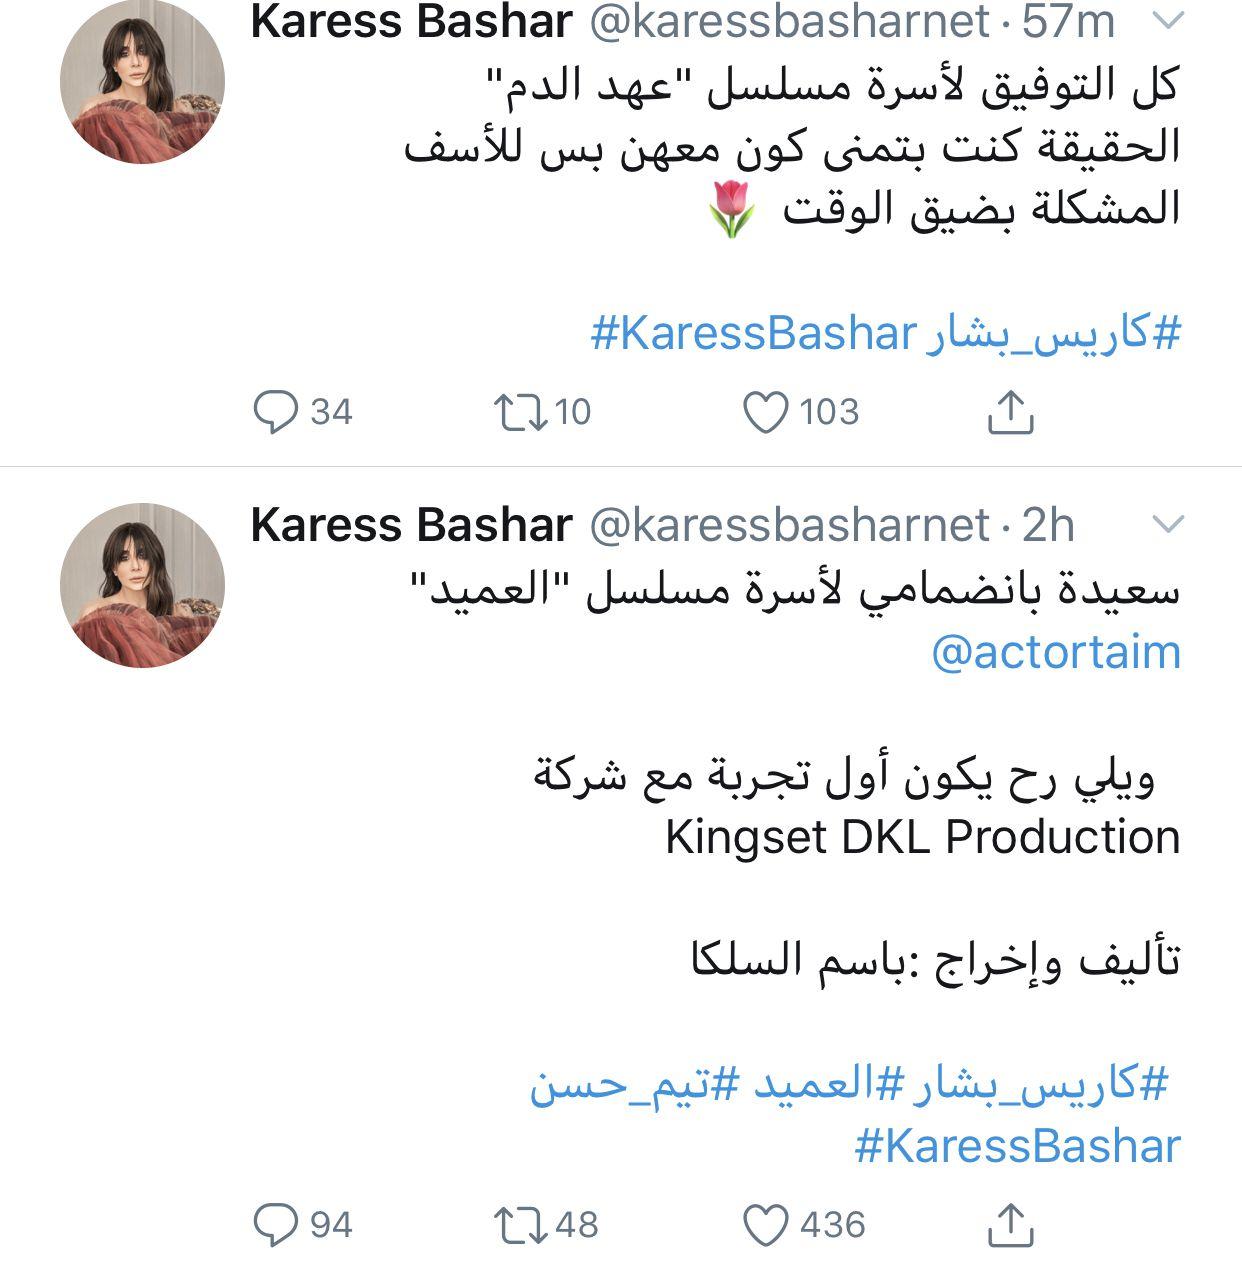 كاريس بشار تنضم للعميد وتعتذر